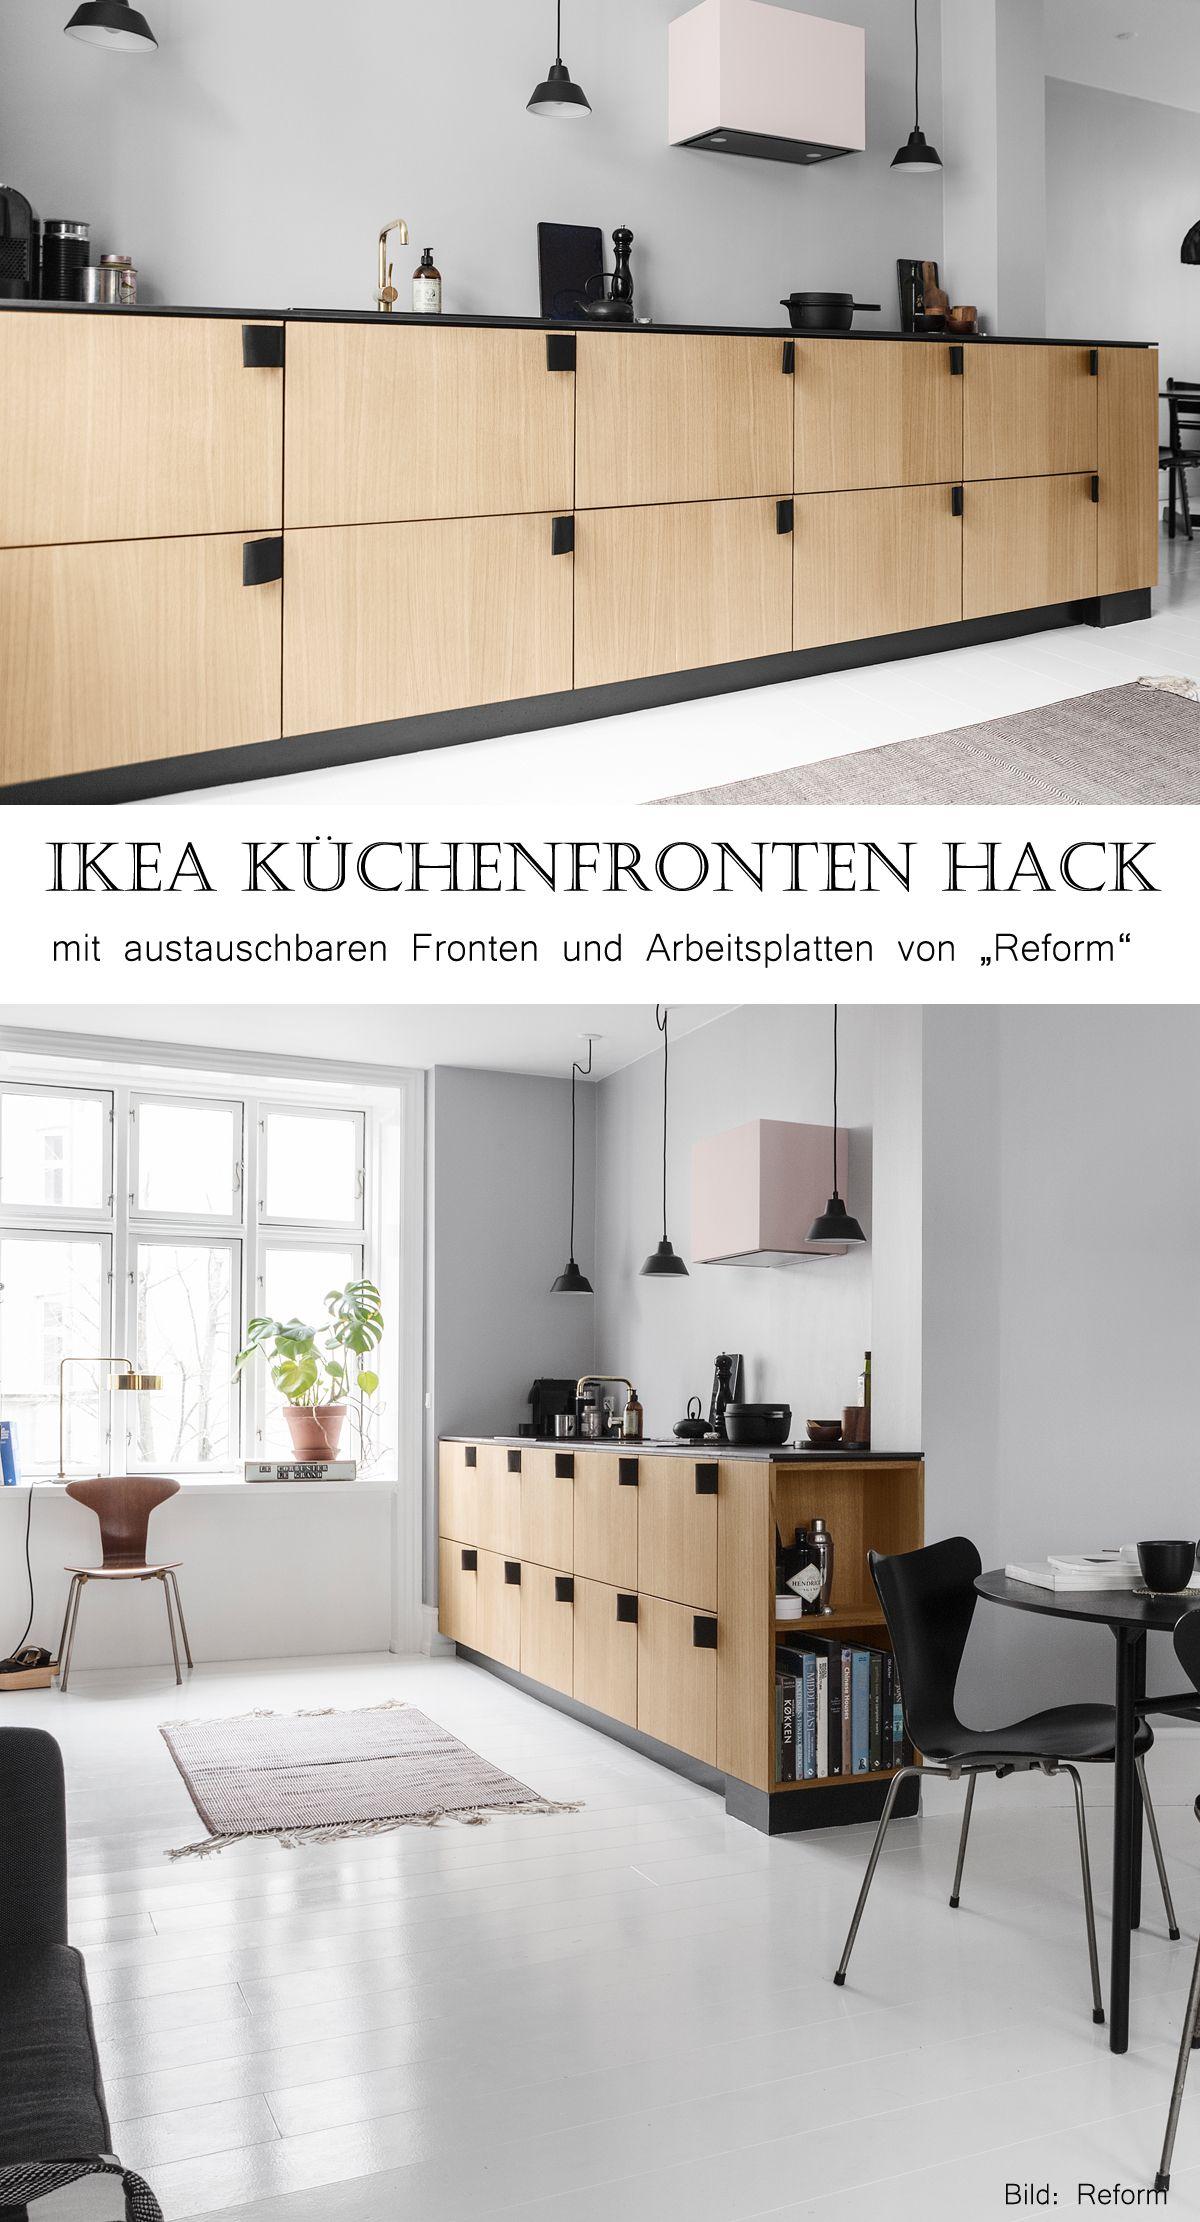 Full Size of Ikea Singleküche Kchenfronten Pimpen Kche Betten Bei Miniküche Küche Kosten Modulküche 160x200 Kaufen Mit Kühlschrank E Geräten Sofa Schlaffunktion Wohnzimmer Ikea Singleküche